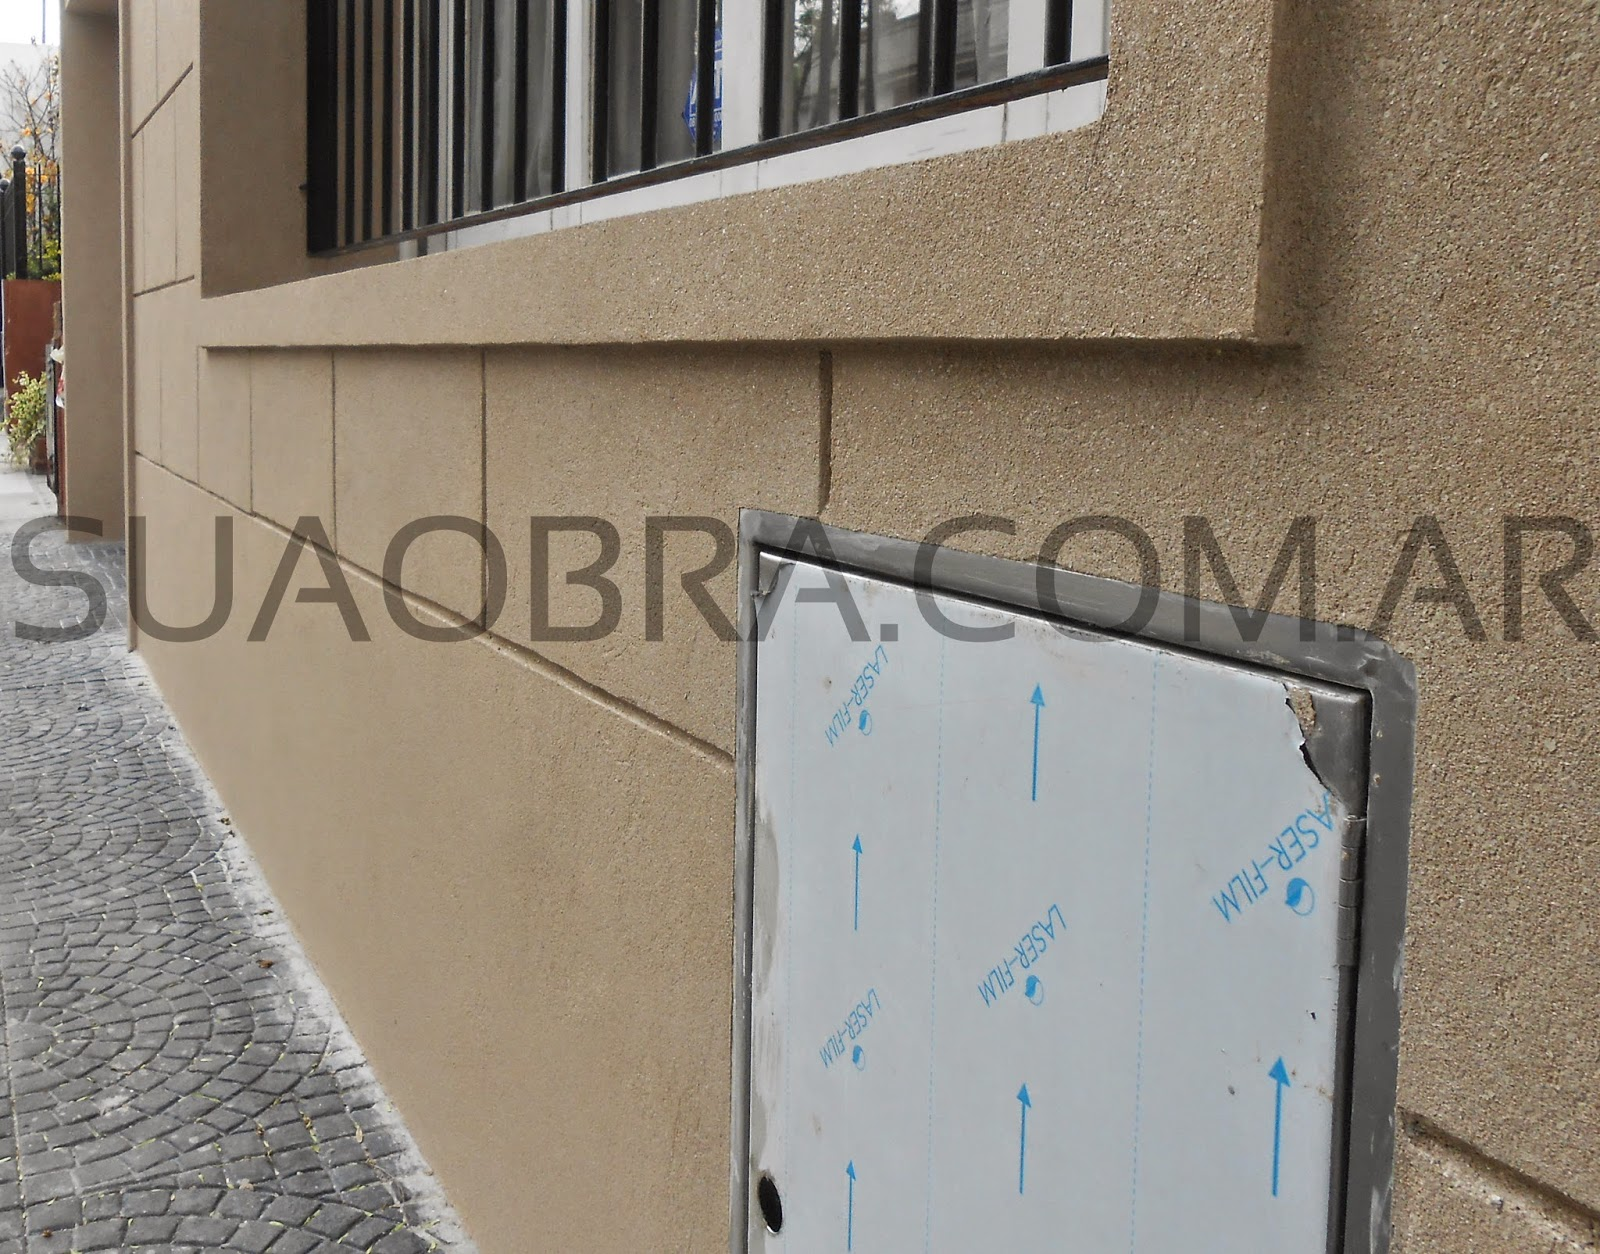 Colocacion Profesional Tarquini Suaobra Com Ar Revestimientos  ~ Aplicaciã³n Para Pintar Paredes